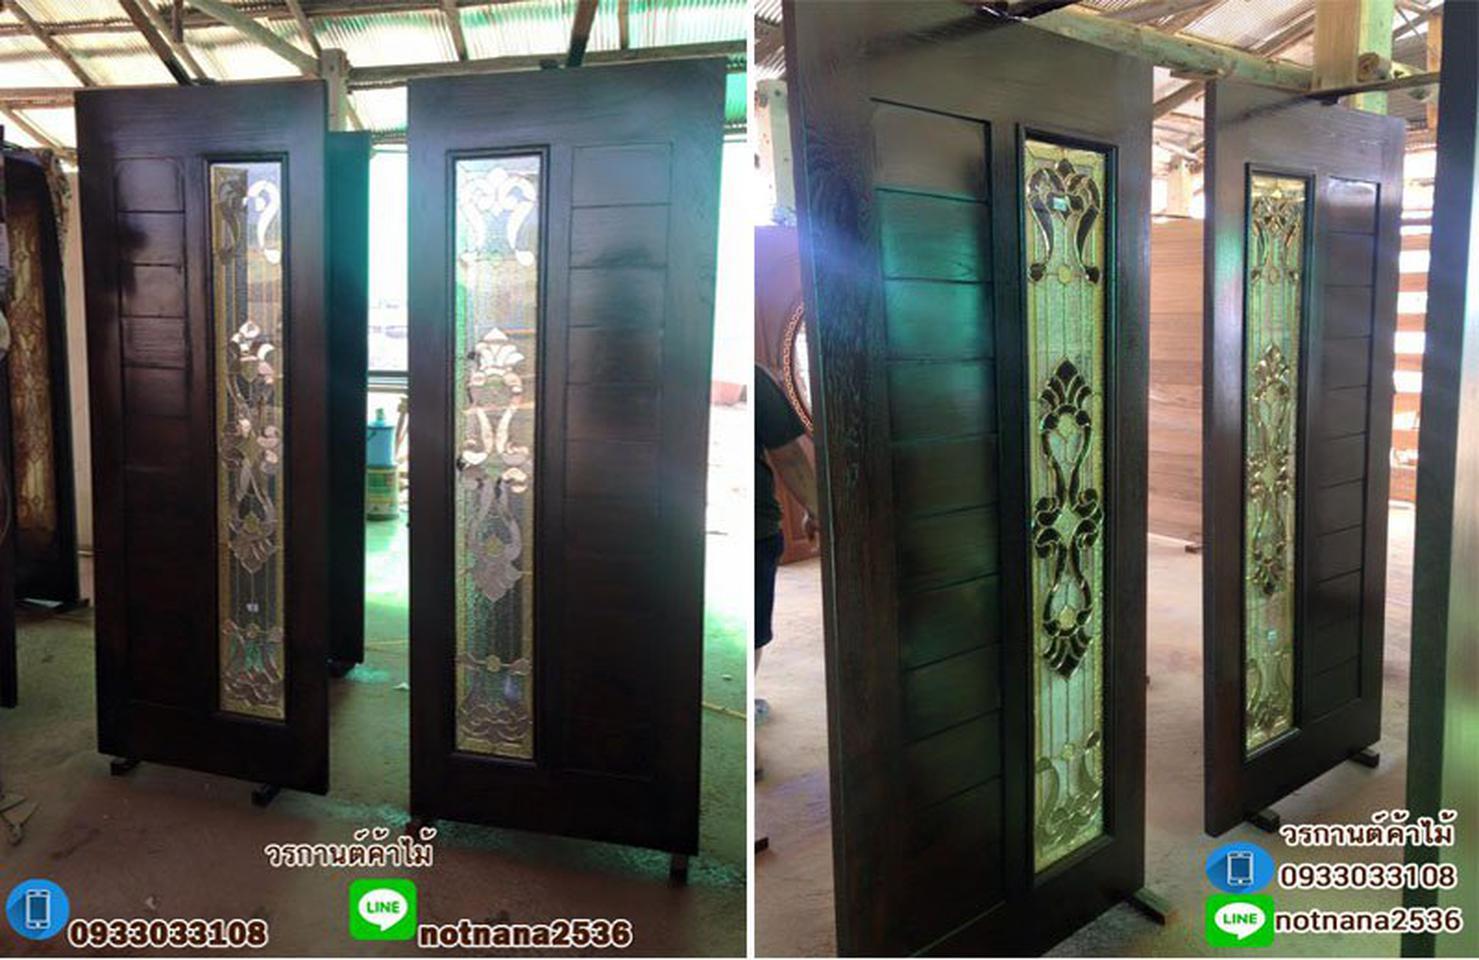 ประตูไม้สัก,ประตูไม้สักกระจกนิรภัย,ประตูไม้สักบานคู่,ประตูไม้สักบานเดี่ยว www.door-woodhome.com รูปที่ 6